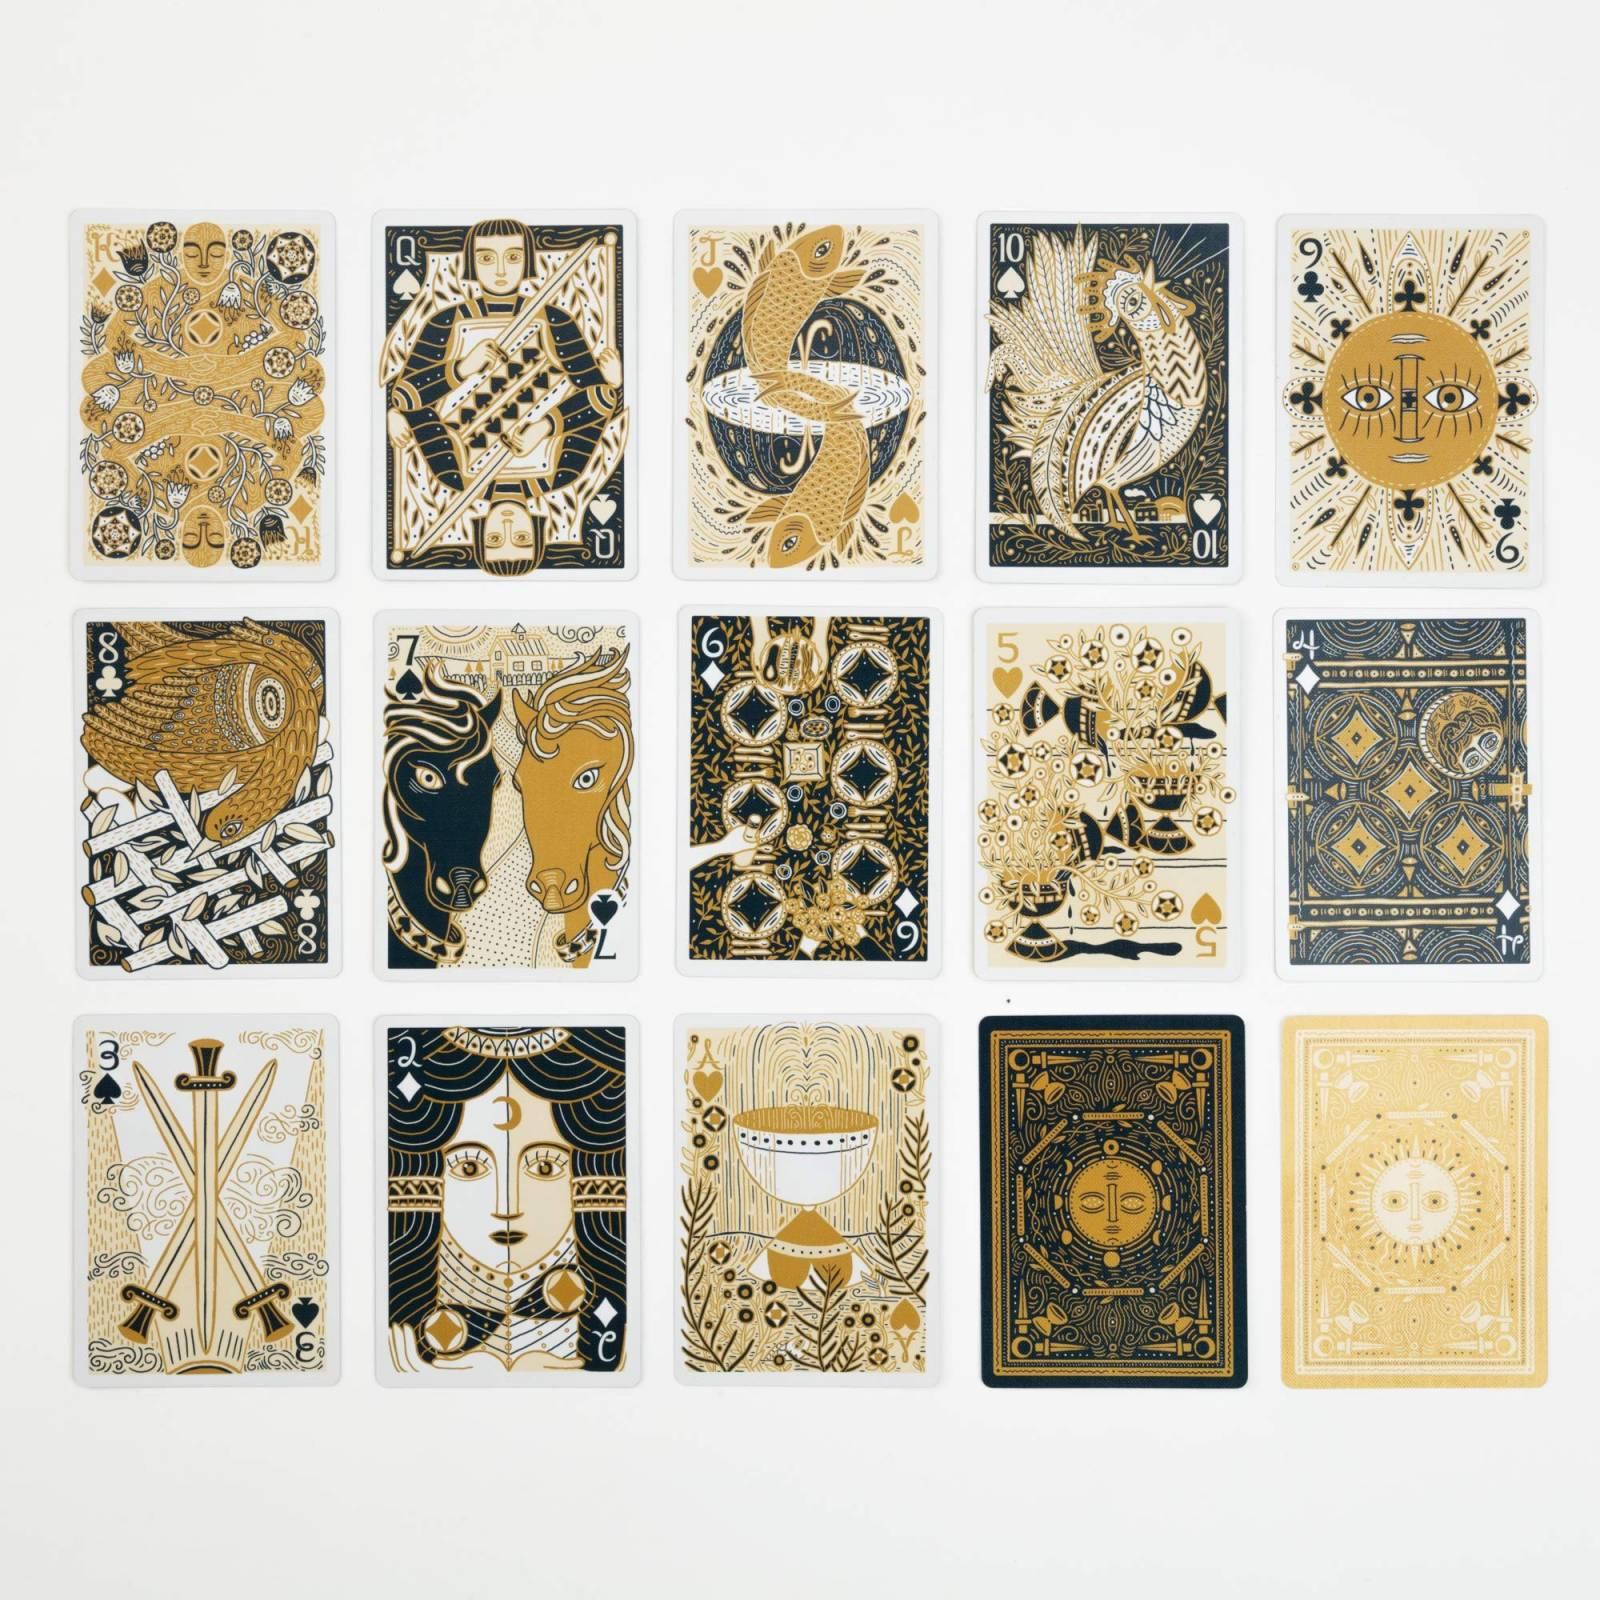 Boxed Set Of Illuminated Playing Cards thumbnails